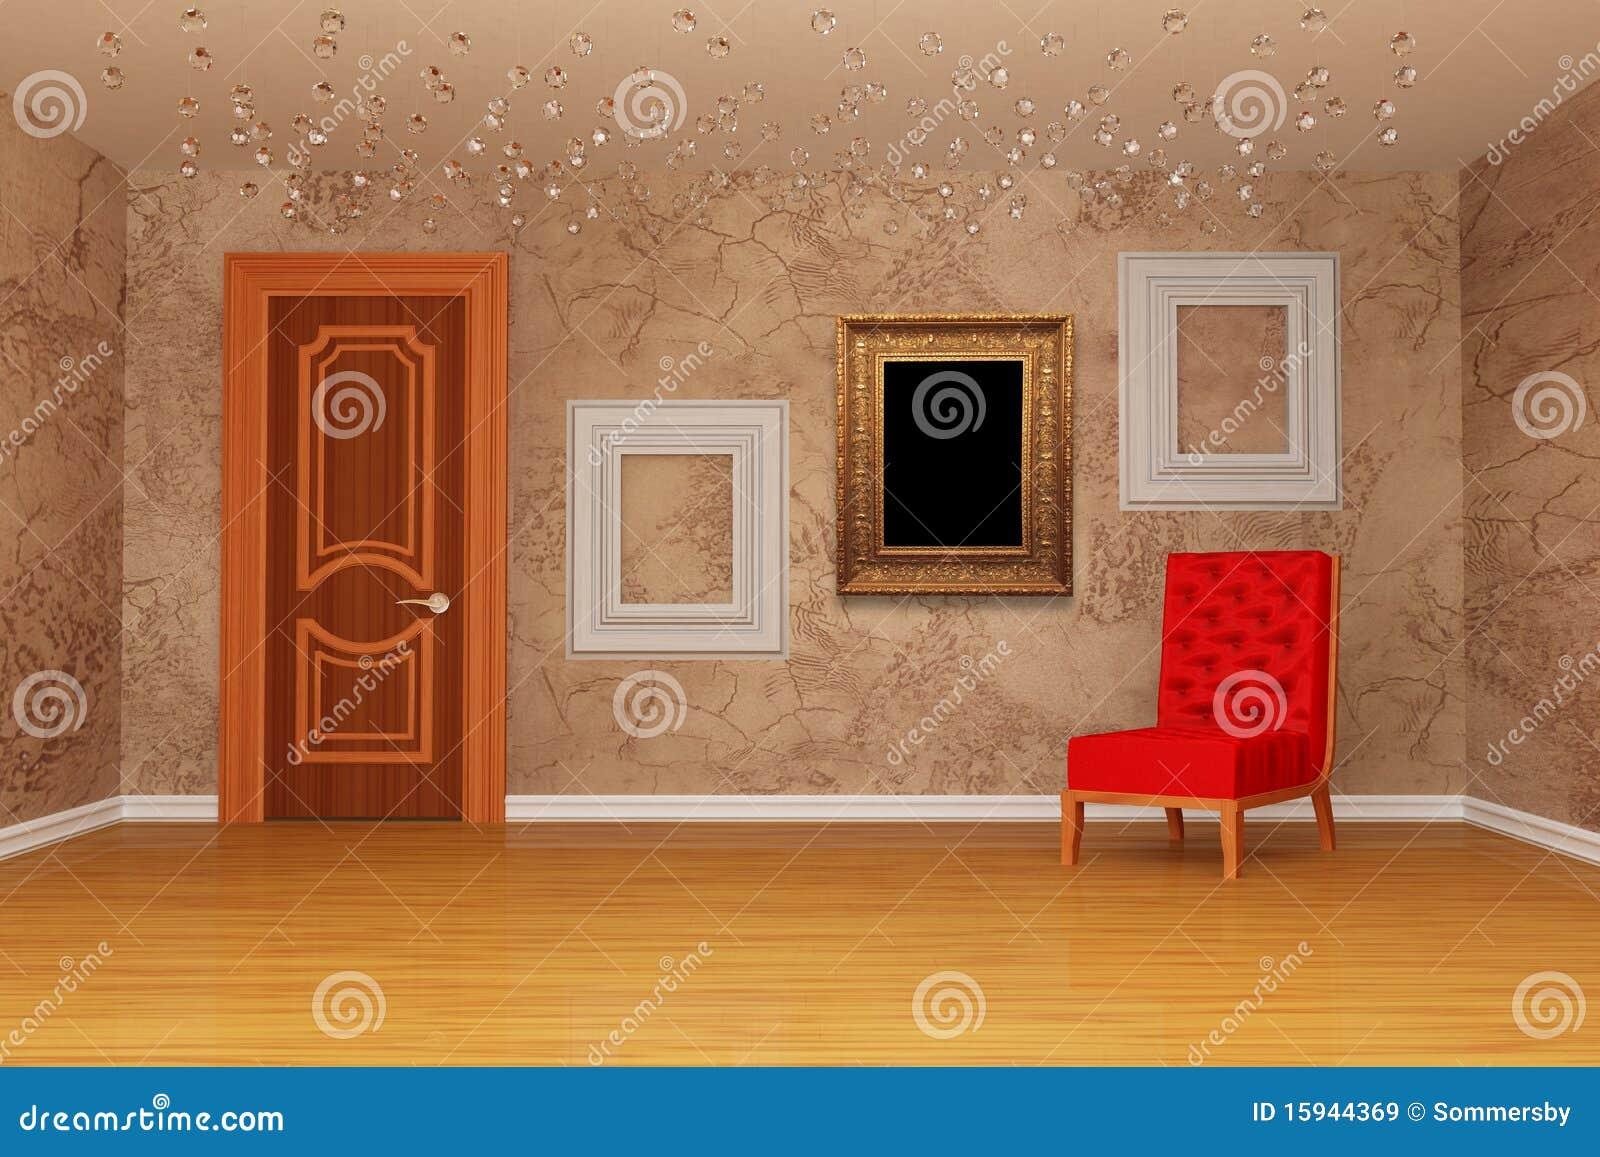 Raum Mit Tür, Rotem Stuhl Und Bilderrahmen Stock Abbildung ...